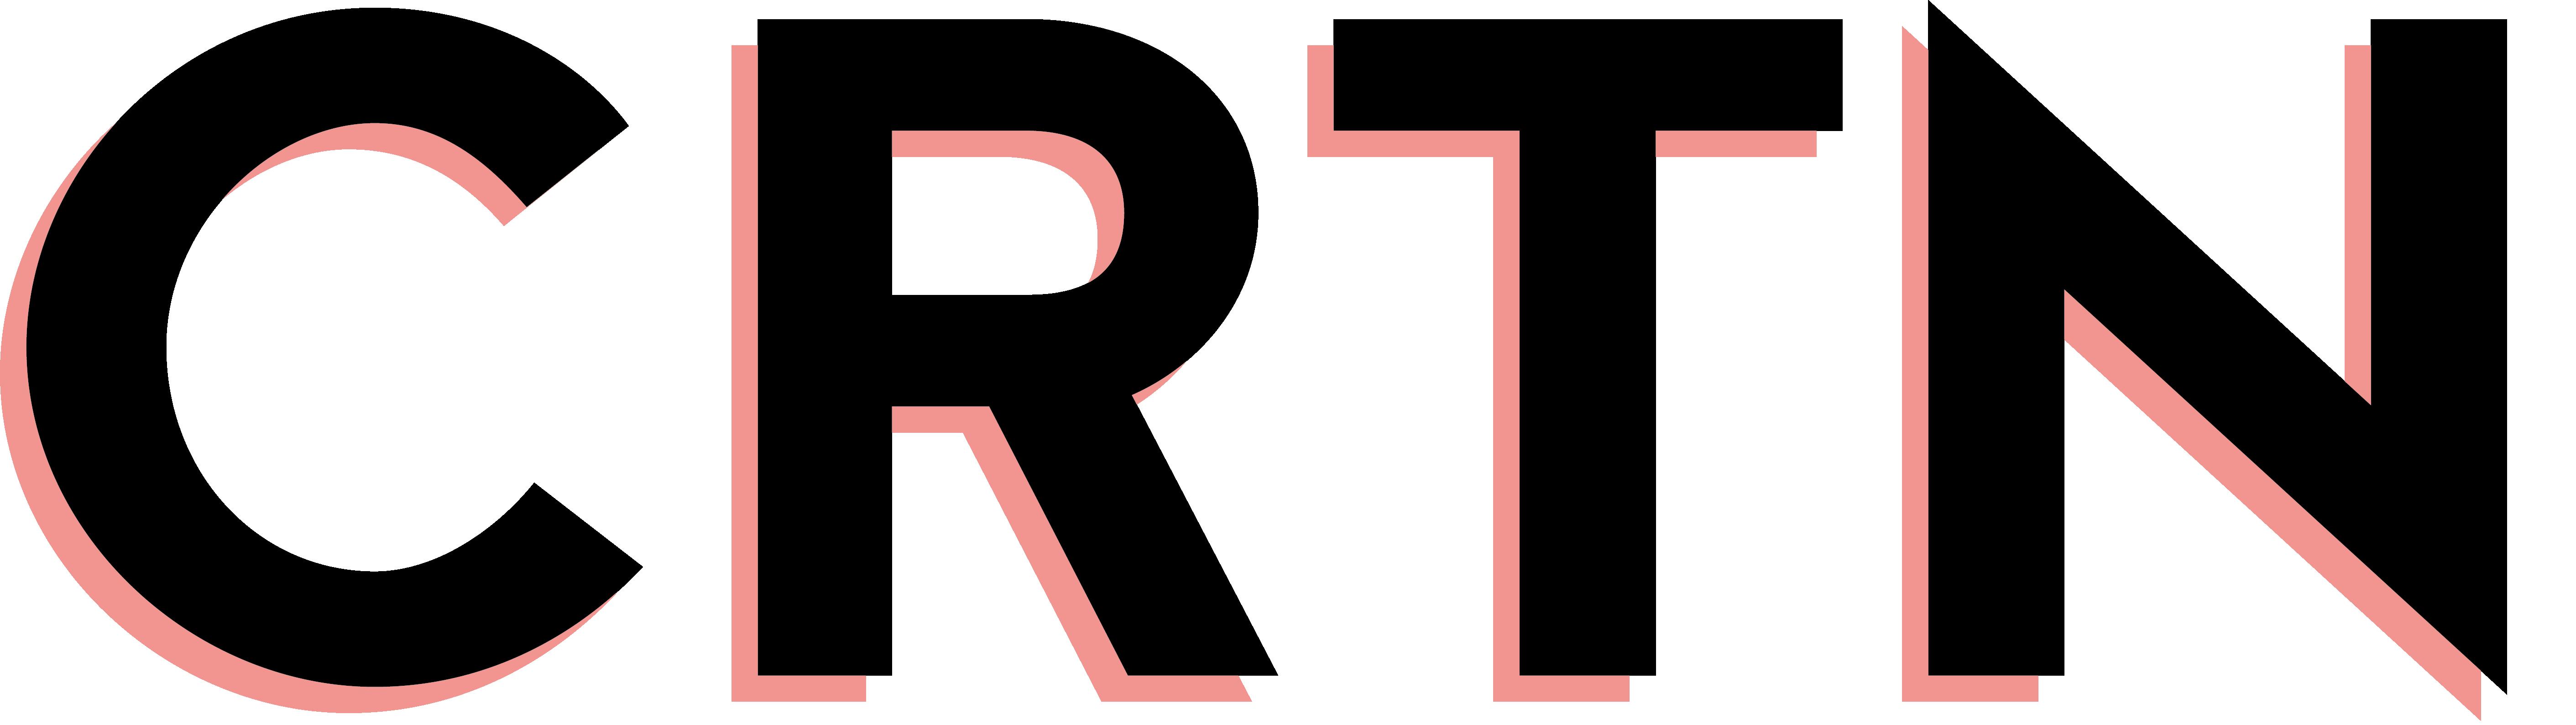 Logo von CRTN